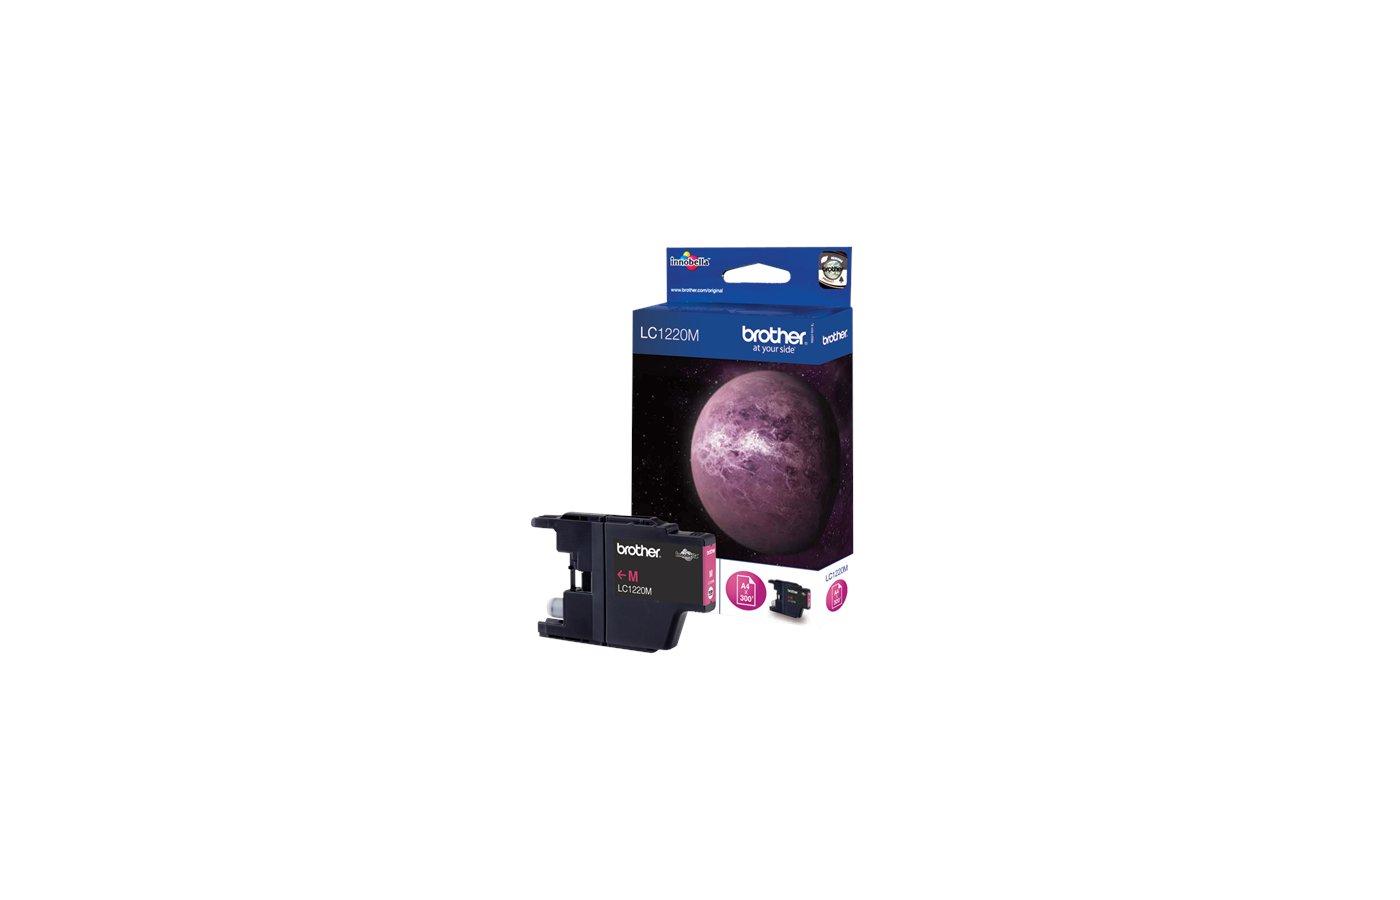 Картридж струйный Brother LC1220 пурпурный для DCP-J525W, MFC-J430W, MFC-J825DW (300 стр.)